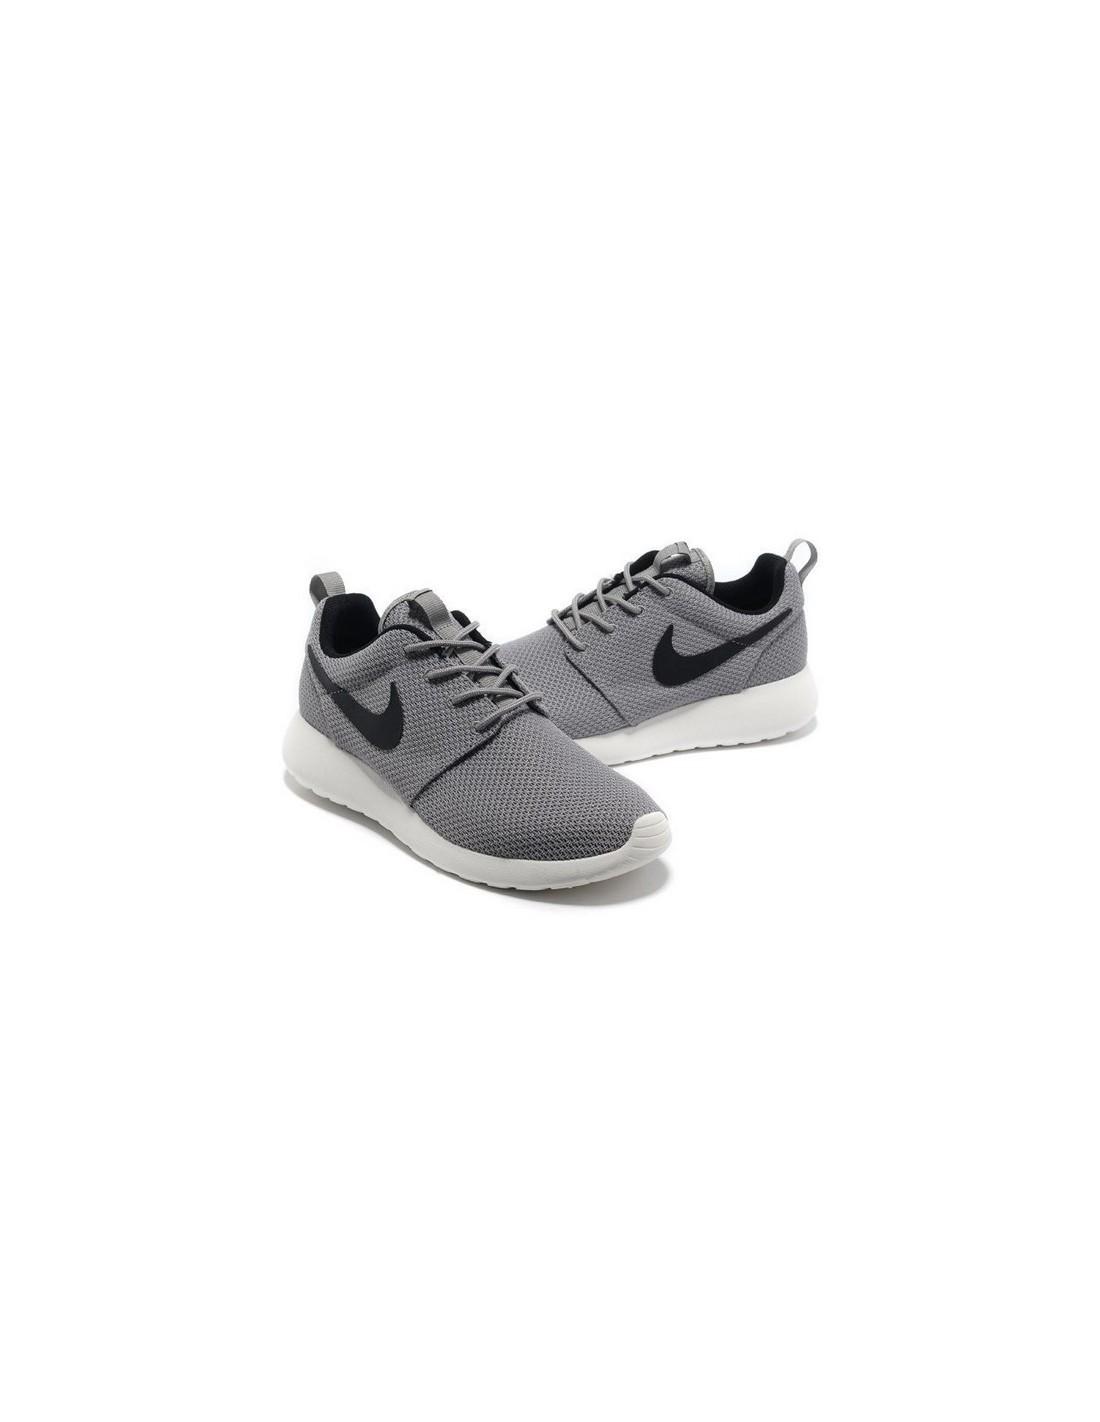 Nike Roshe Run Grises Y Blancas